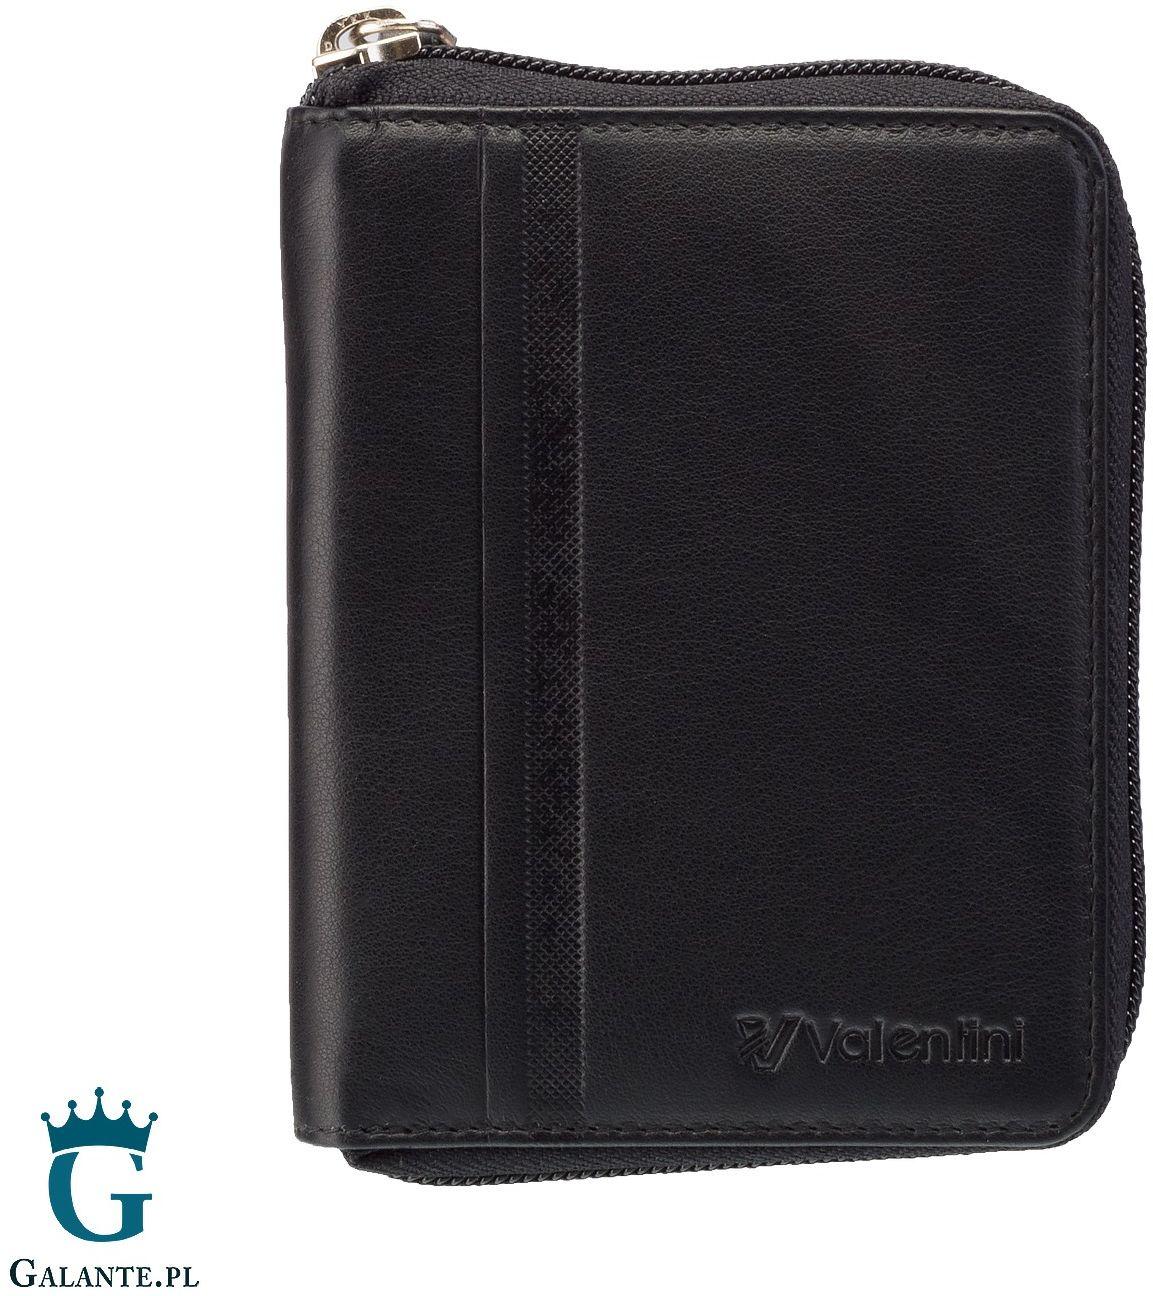 Czarny portfel valentini trophy na zamek 15v-833 rfid